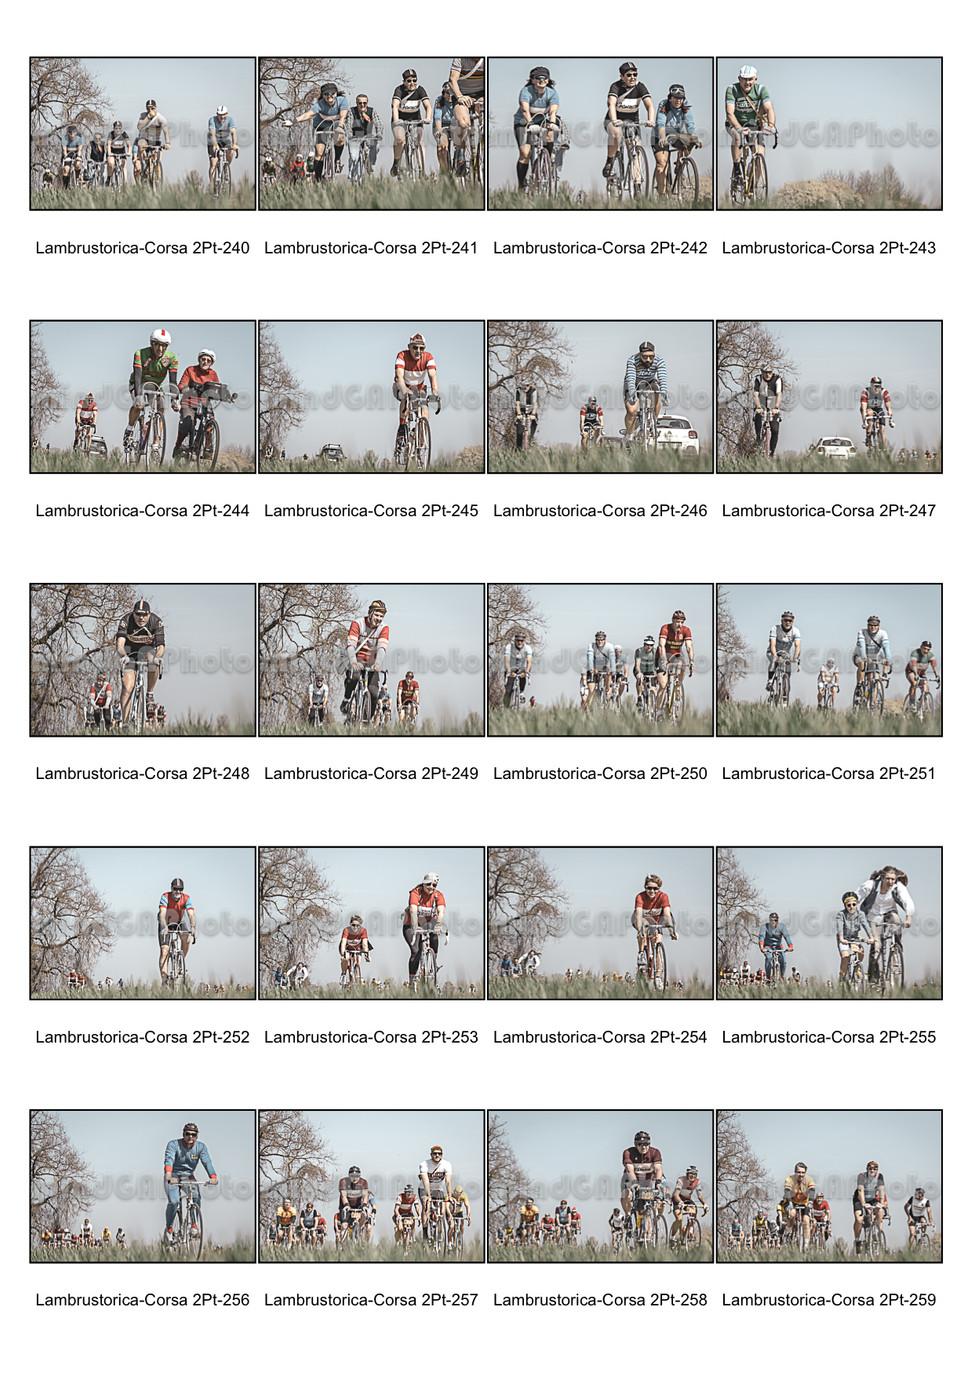 Lambrustorica Corsa 3pt-13.jpg